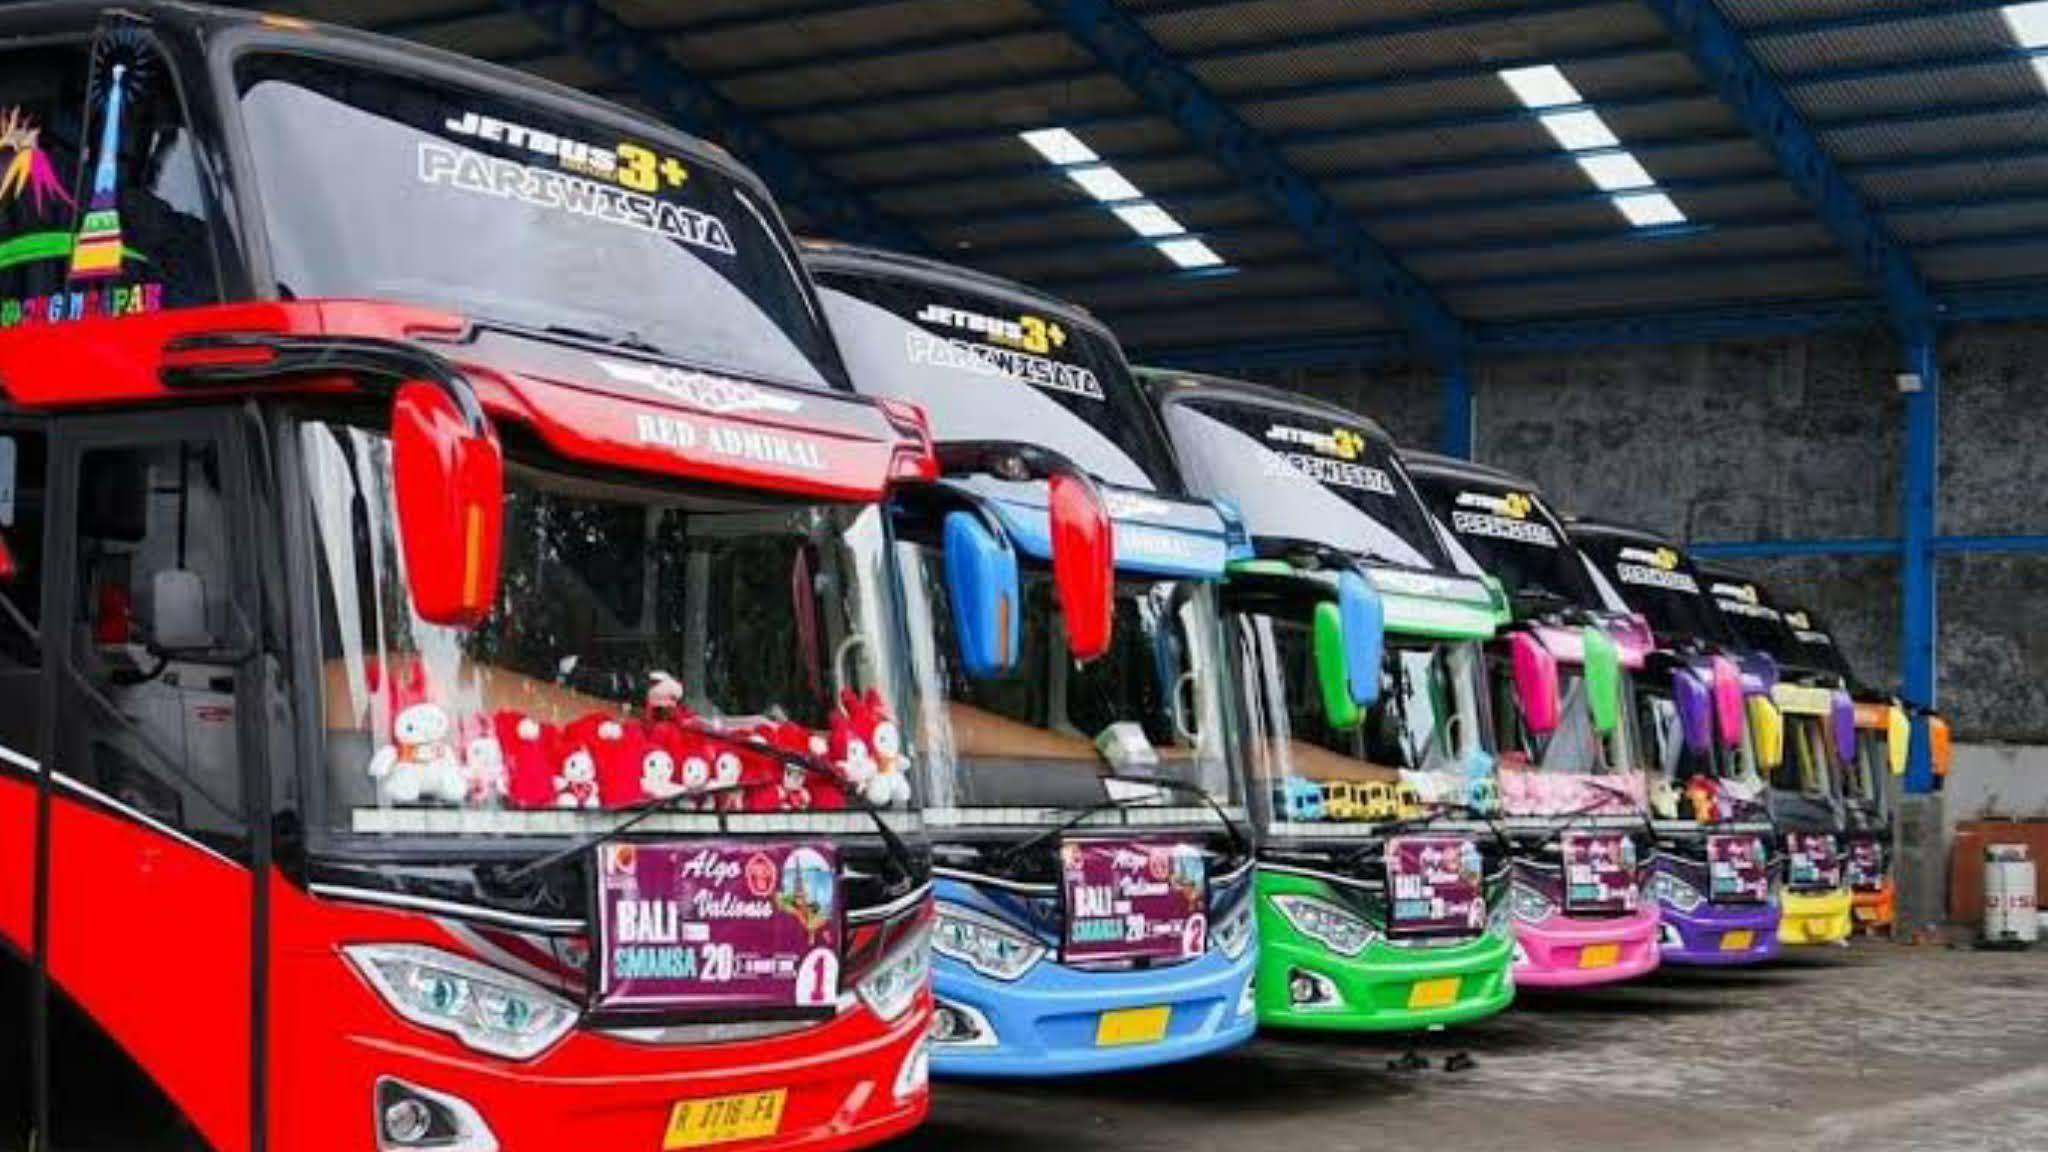 daftar harga sewa bus tour pariwisata bandar lempung lengkap